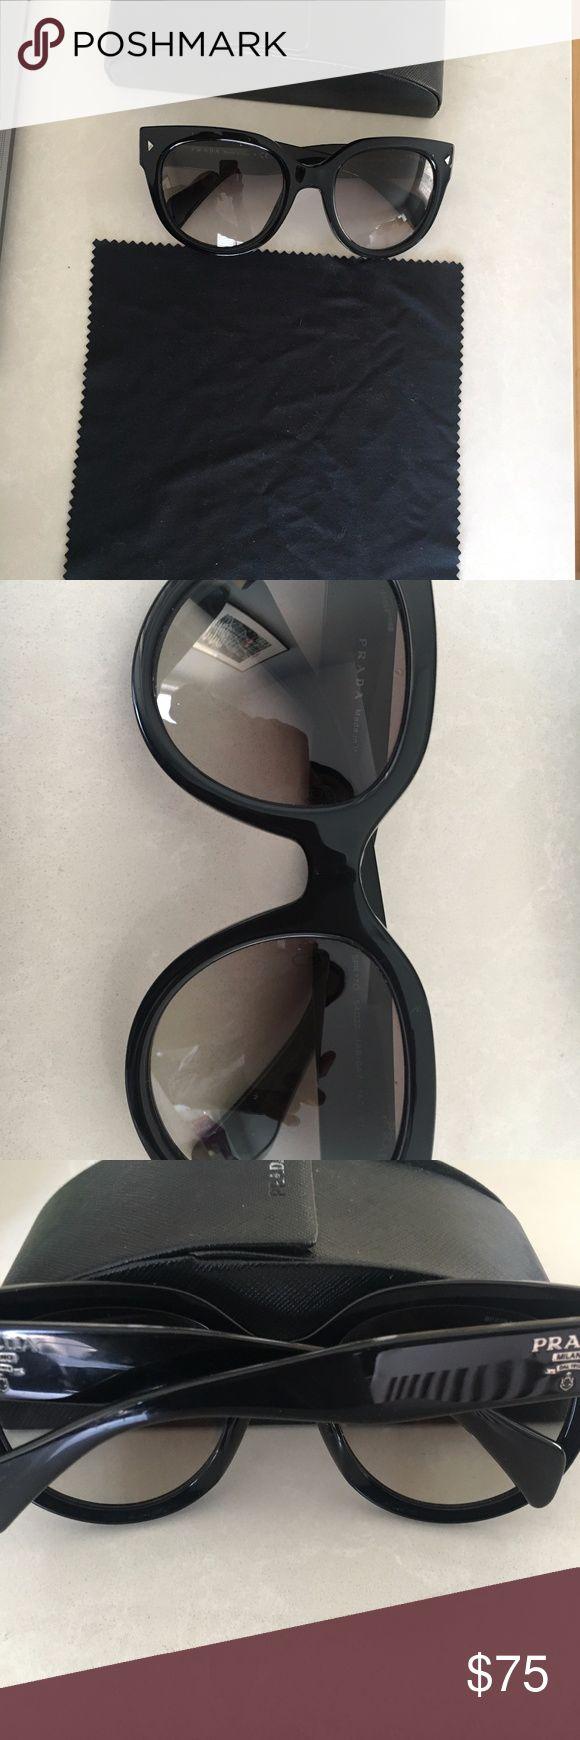 Prada PR 17OS Sunglasses -100% Authentic Prada product  -Brand: Prada  -Model: PR 17OS  -Material: Plastic  -Manufacturer: Prada  What's included:  -Prada Sunglasses  -Prada Case & Cloth Prada Accessories Sunglasses